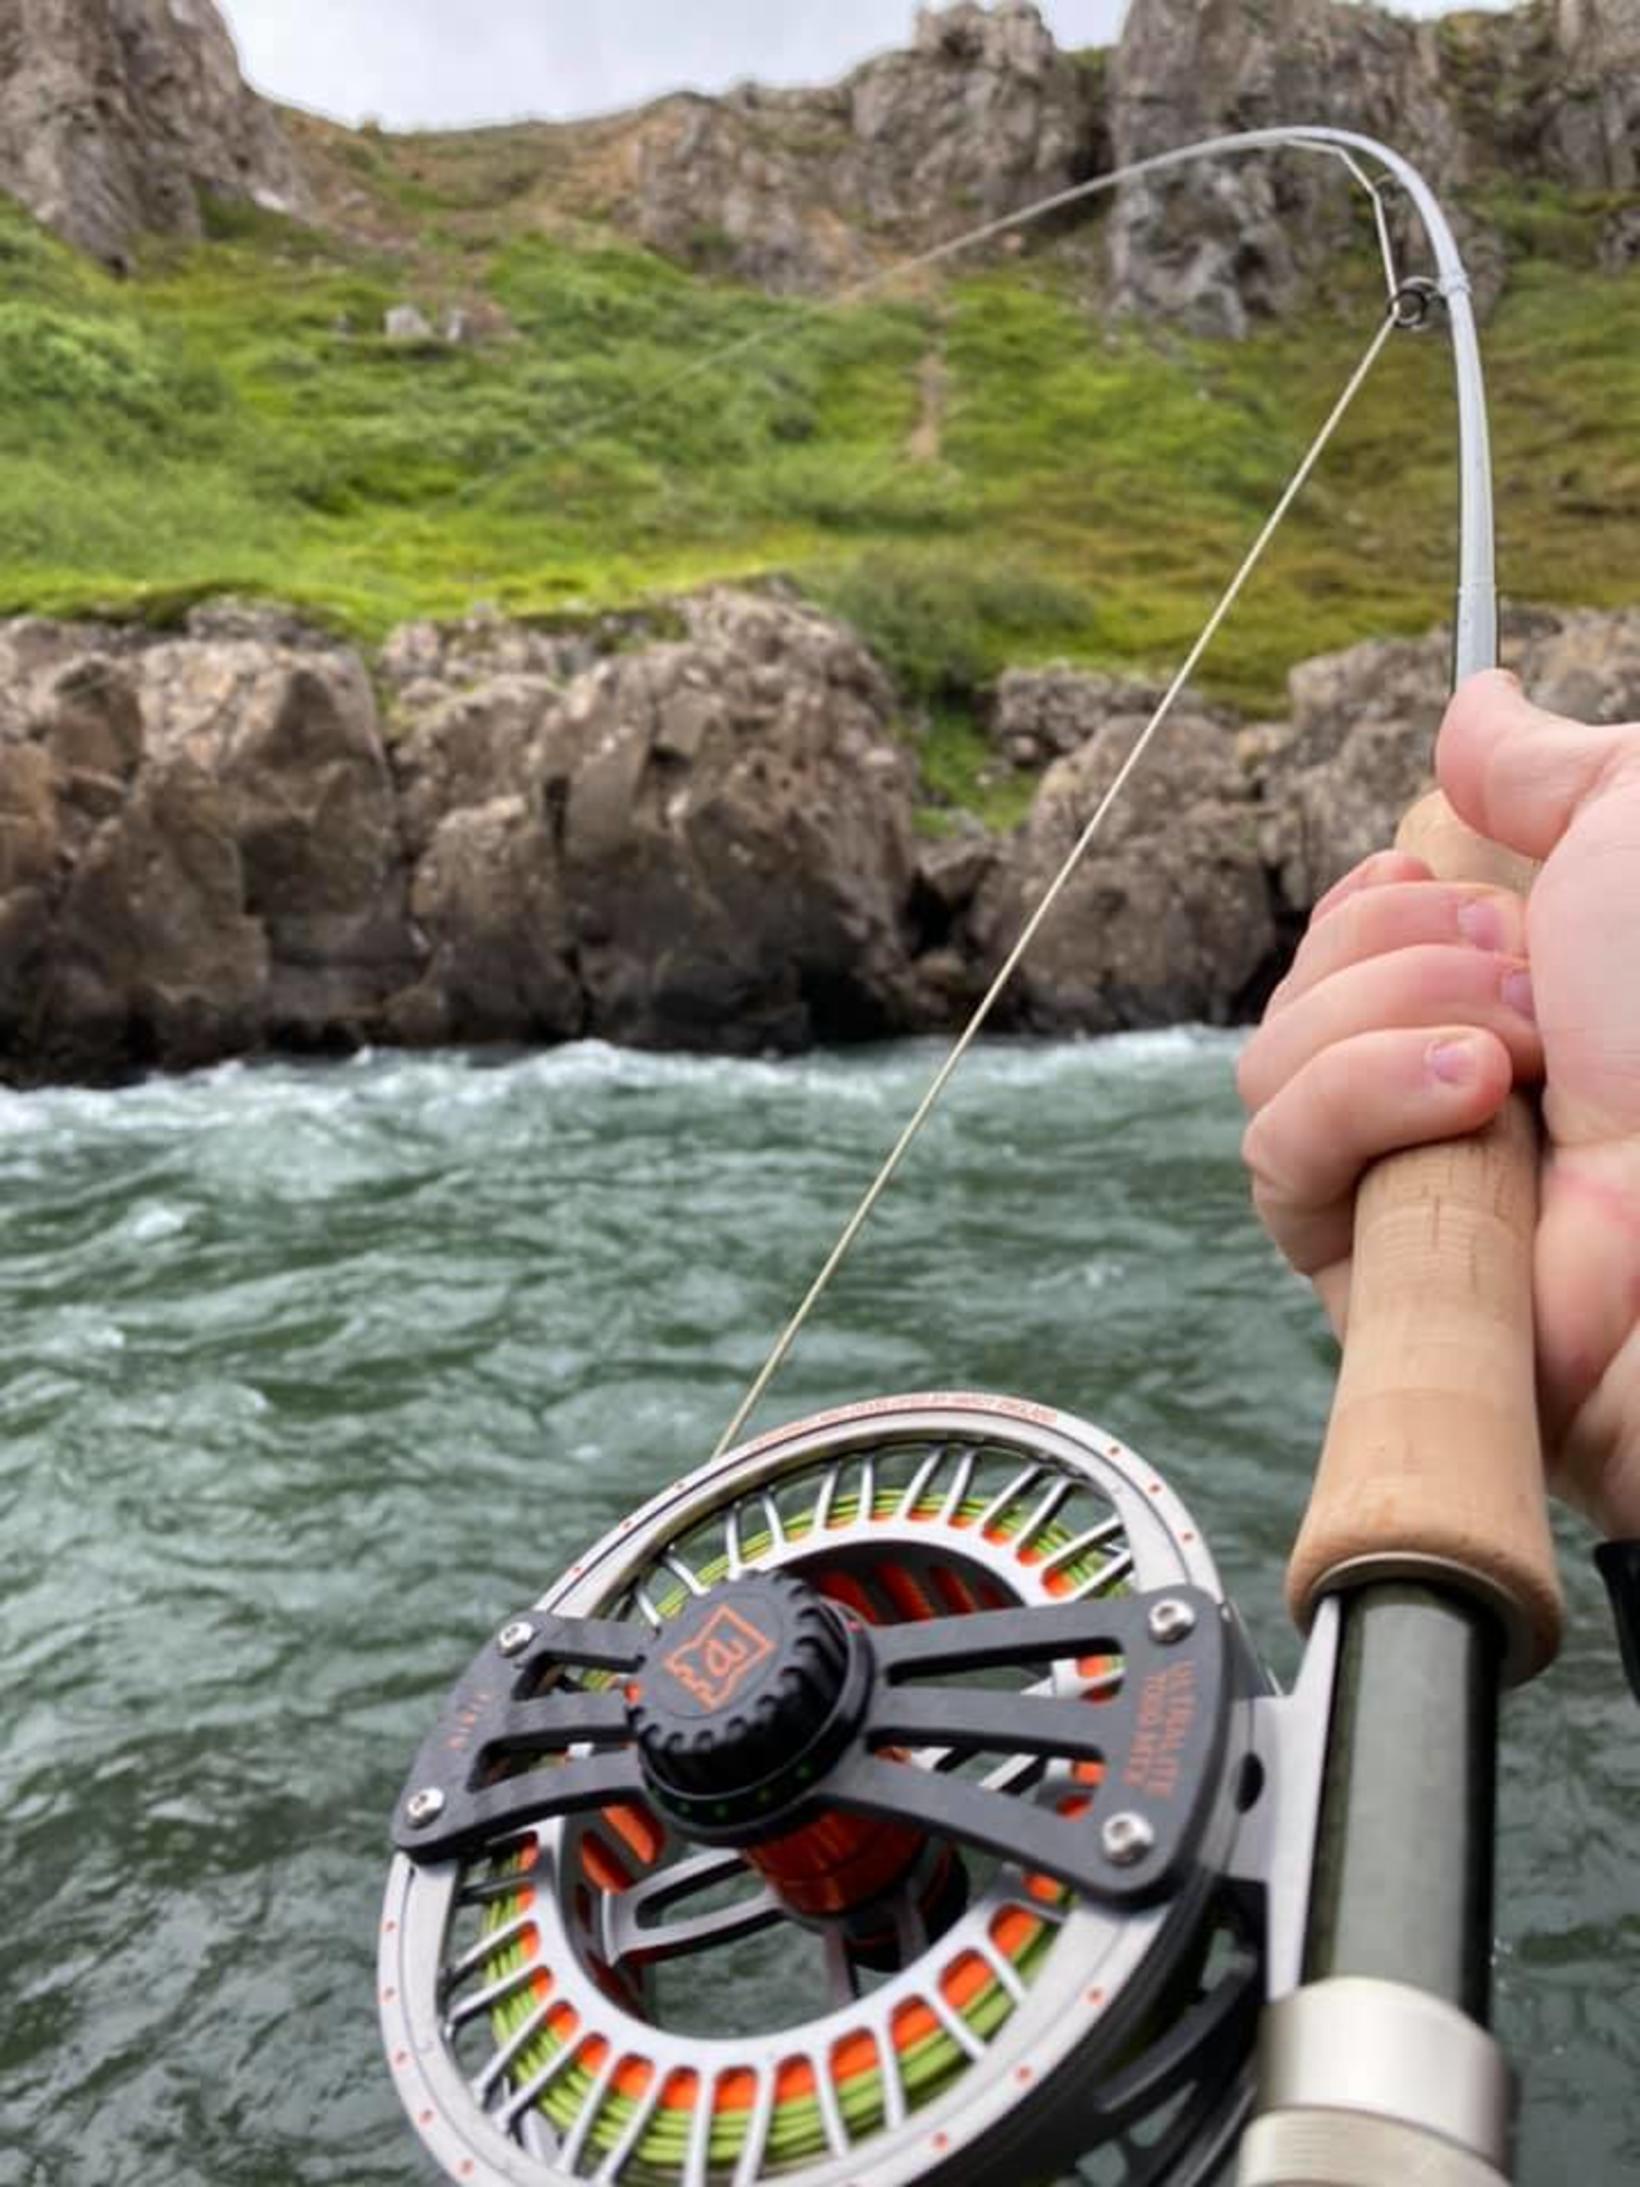 Hafralónsá var vatnsmikil og þegar fer saman kröftugur fiskur og …